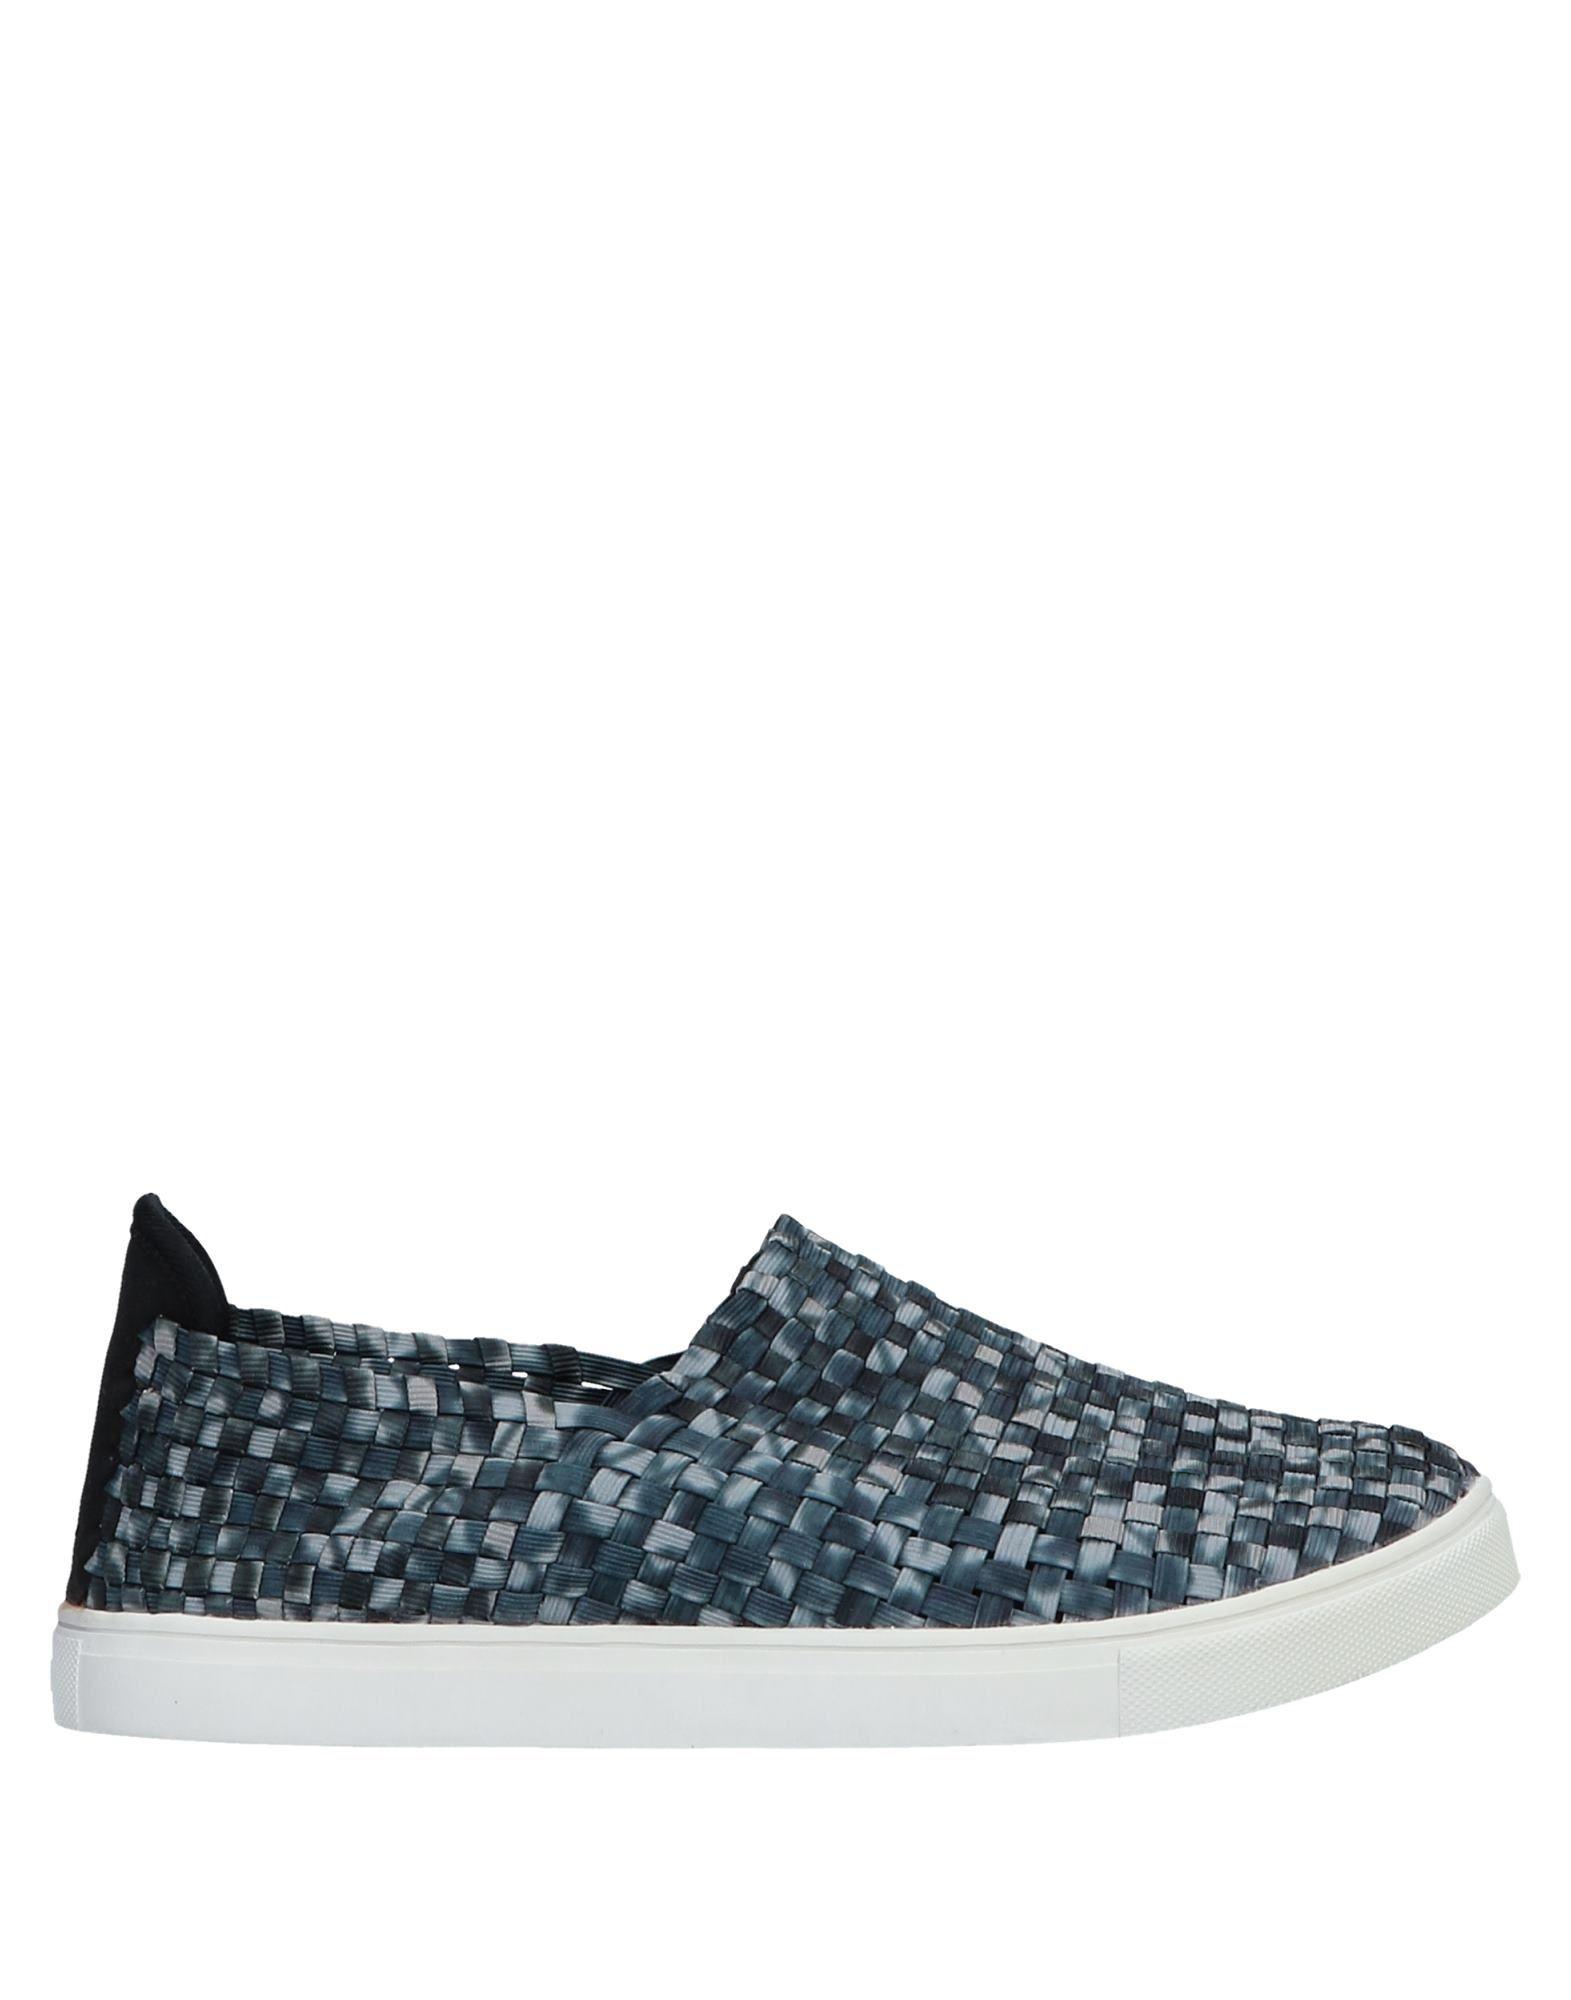 Sneakers Cafènoir Donna - 11511884OP Scarpe economiche e buone